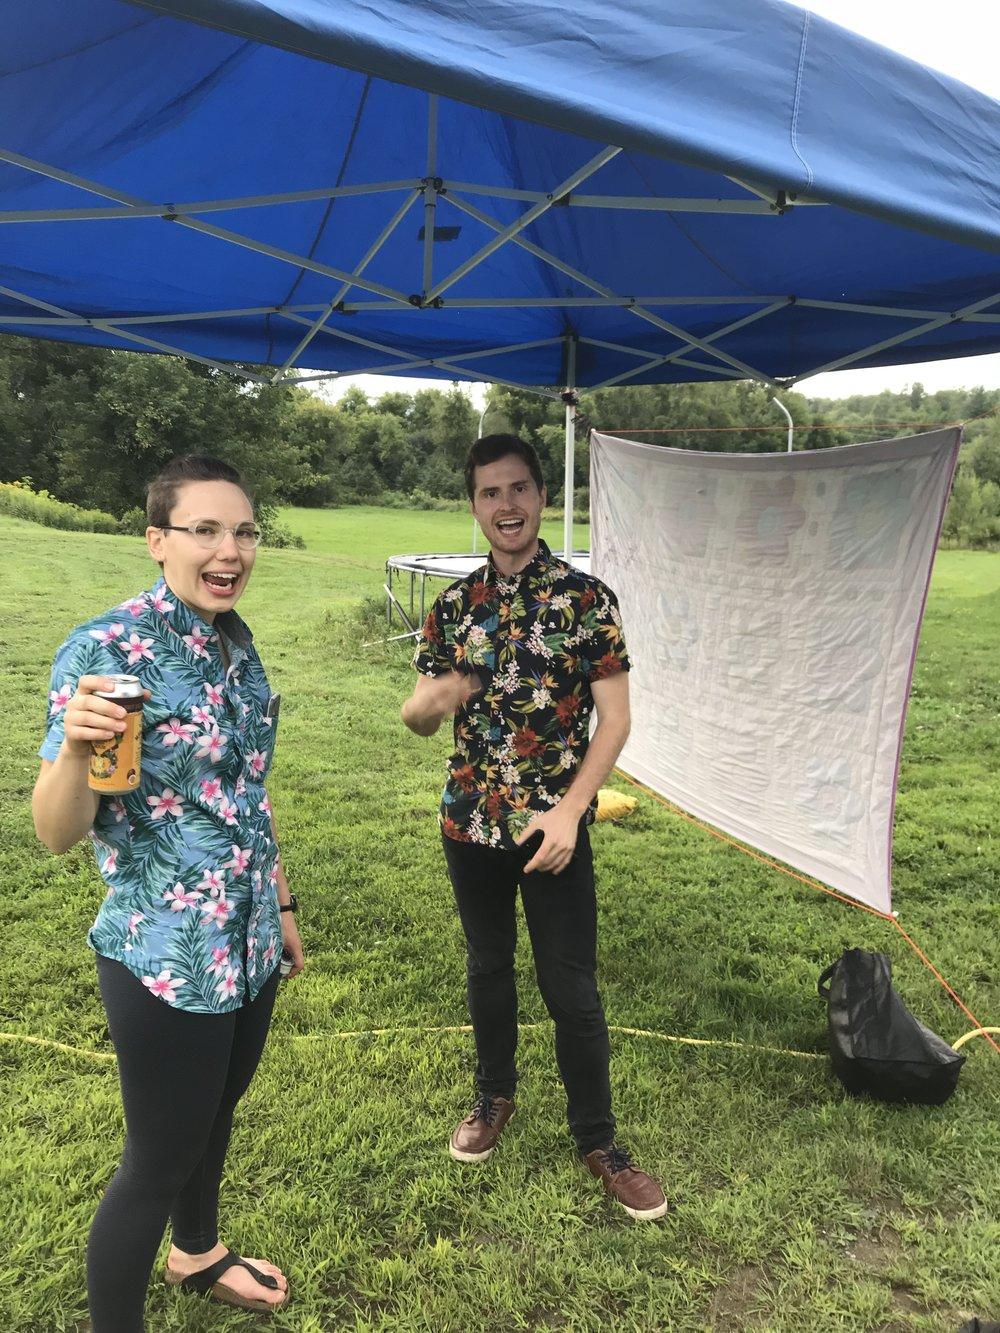 Hawaiian shirts FTW.